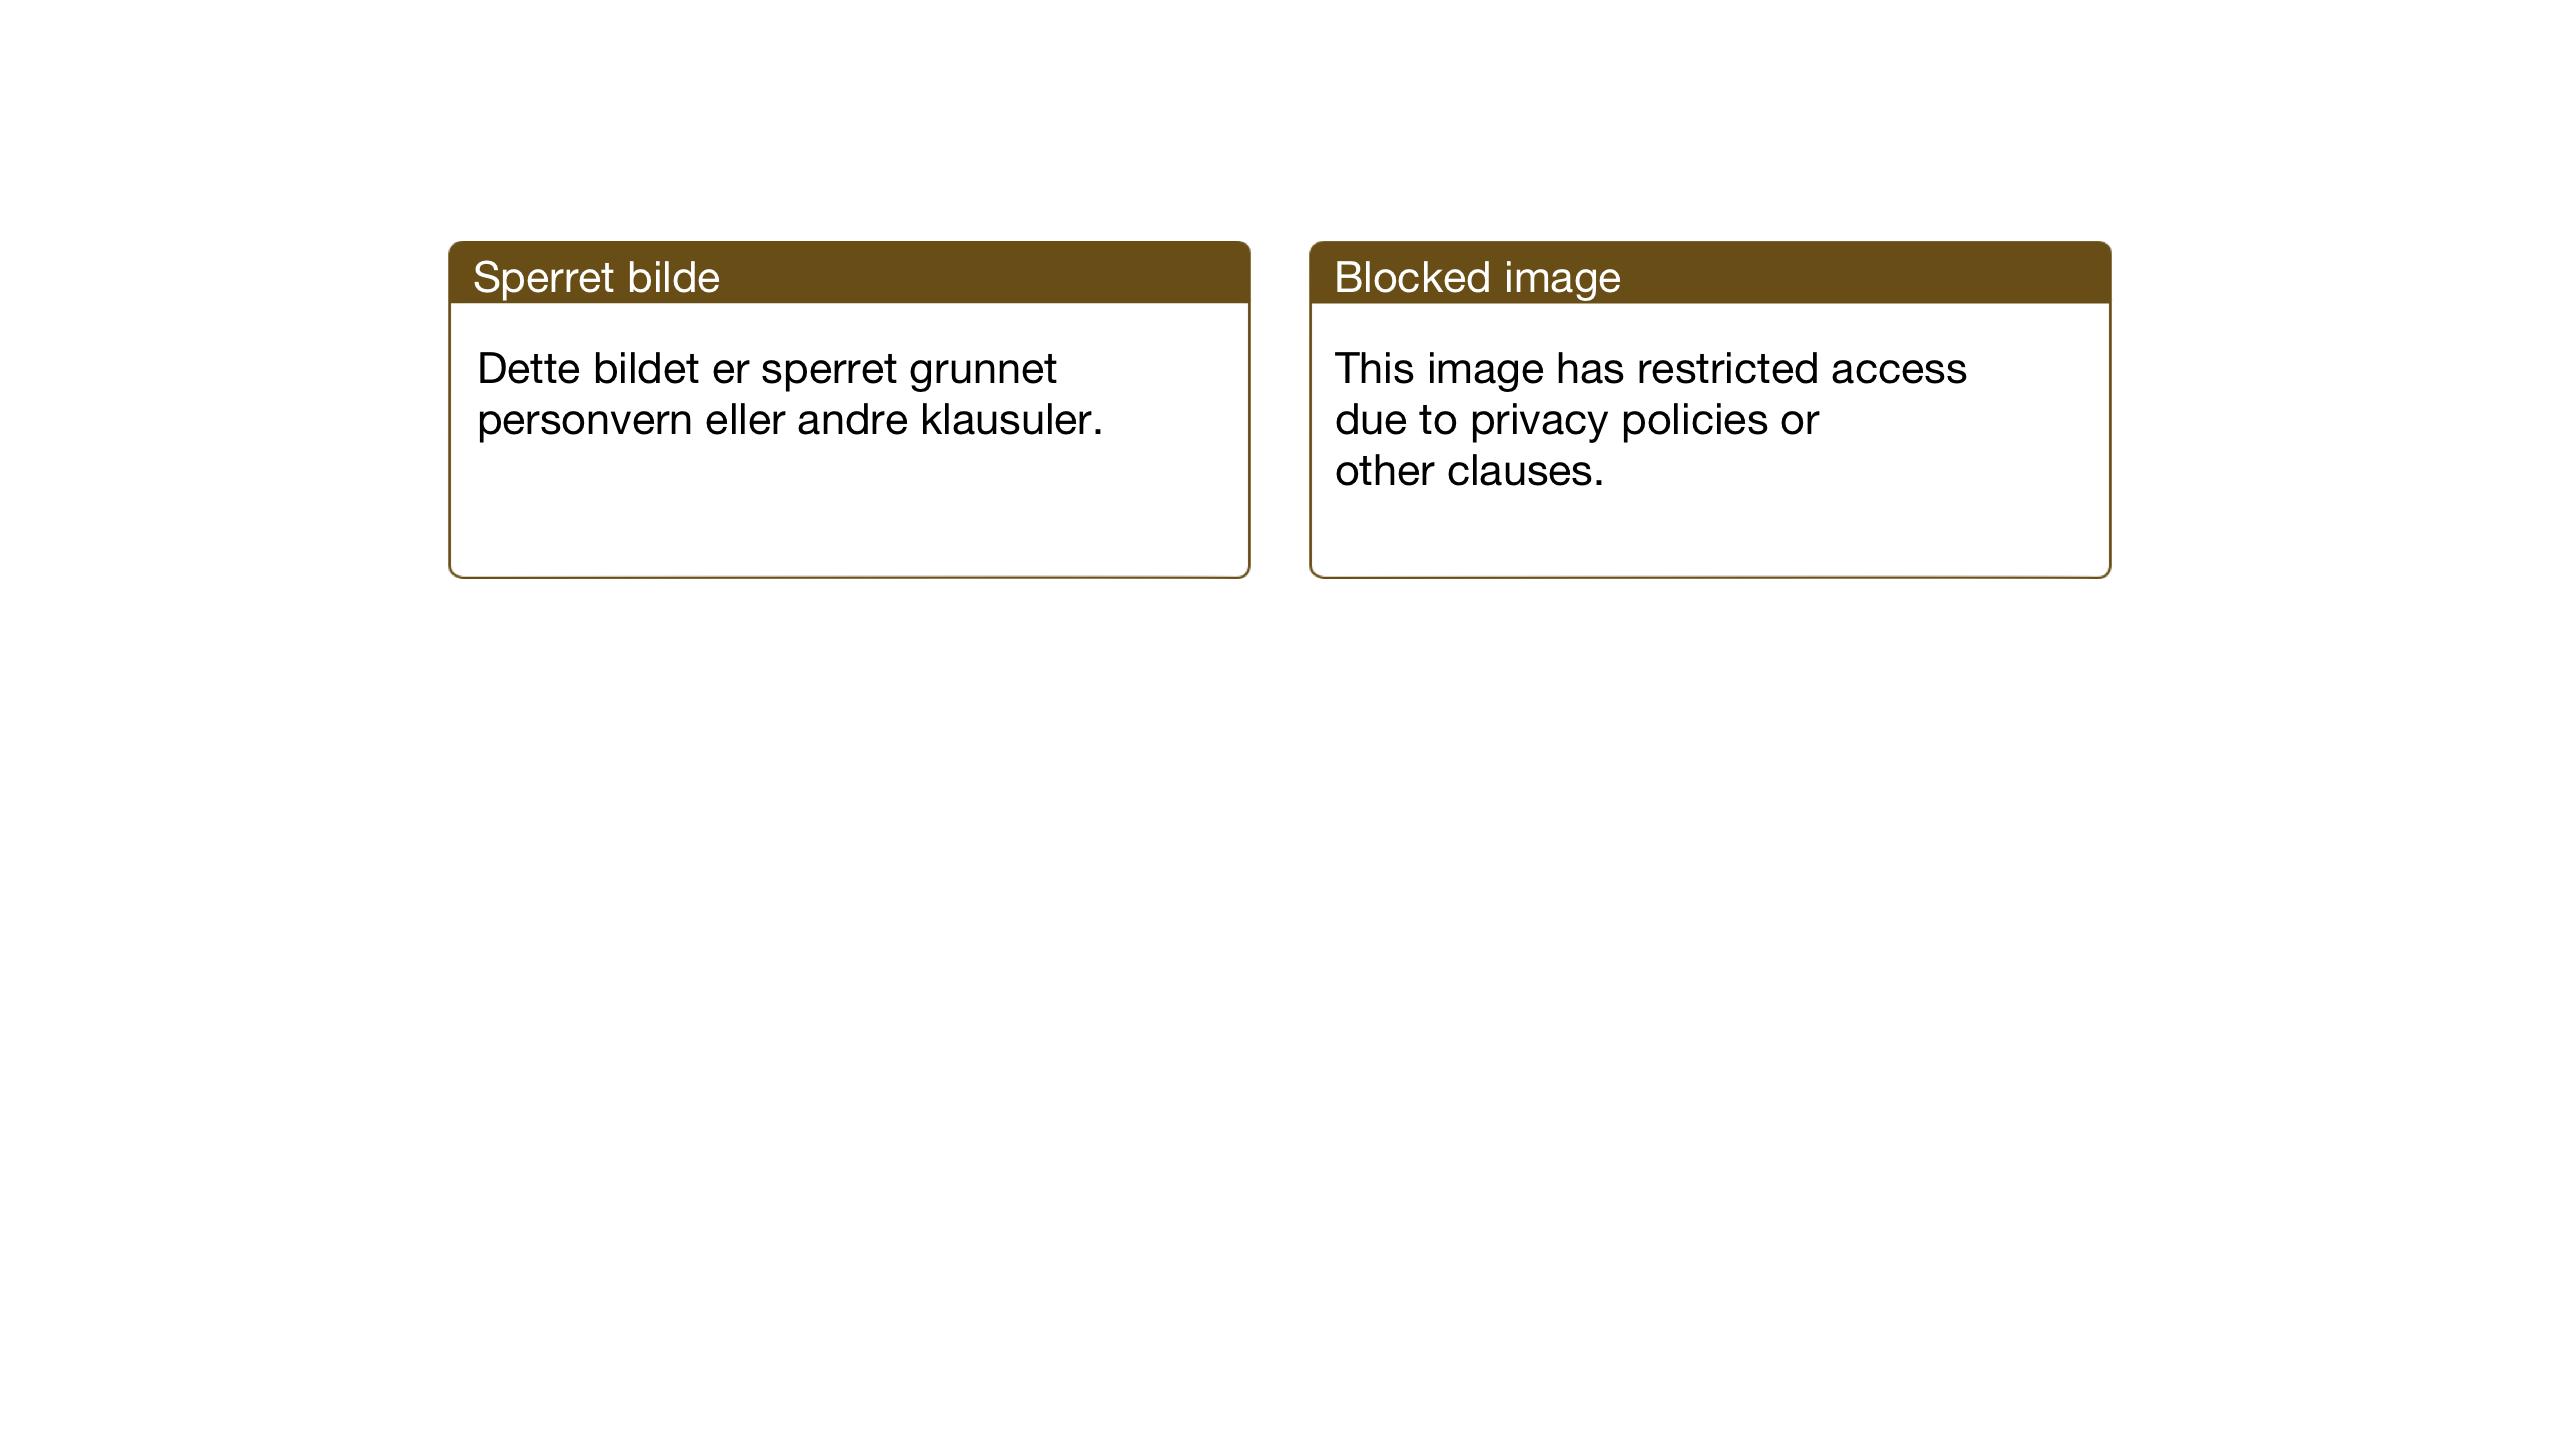 SAT, Ministerialprotokoller, klokkerbøker og fødselsregistre - Sør-Trøndelag, 602/L0151: Klokkerbok nr. 602C19, 1925-1951, s. 115